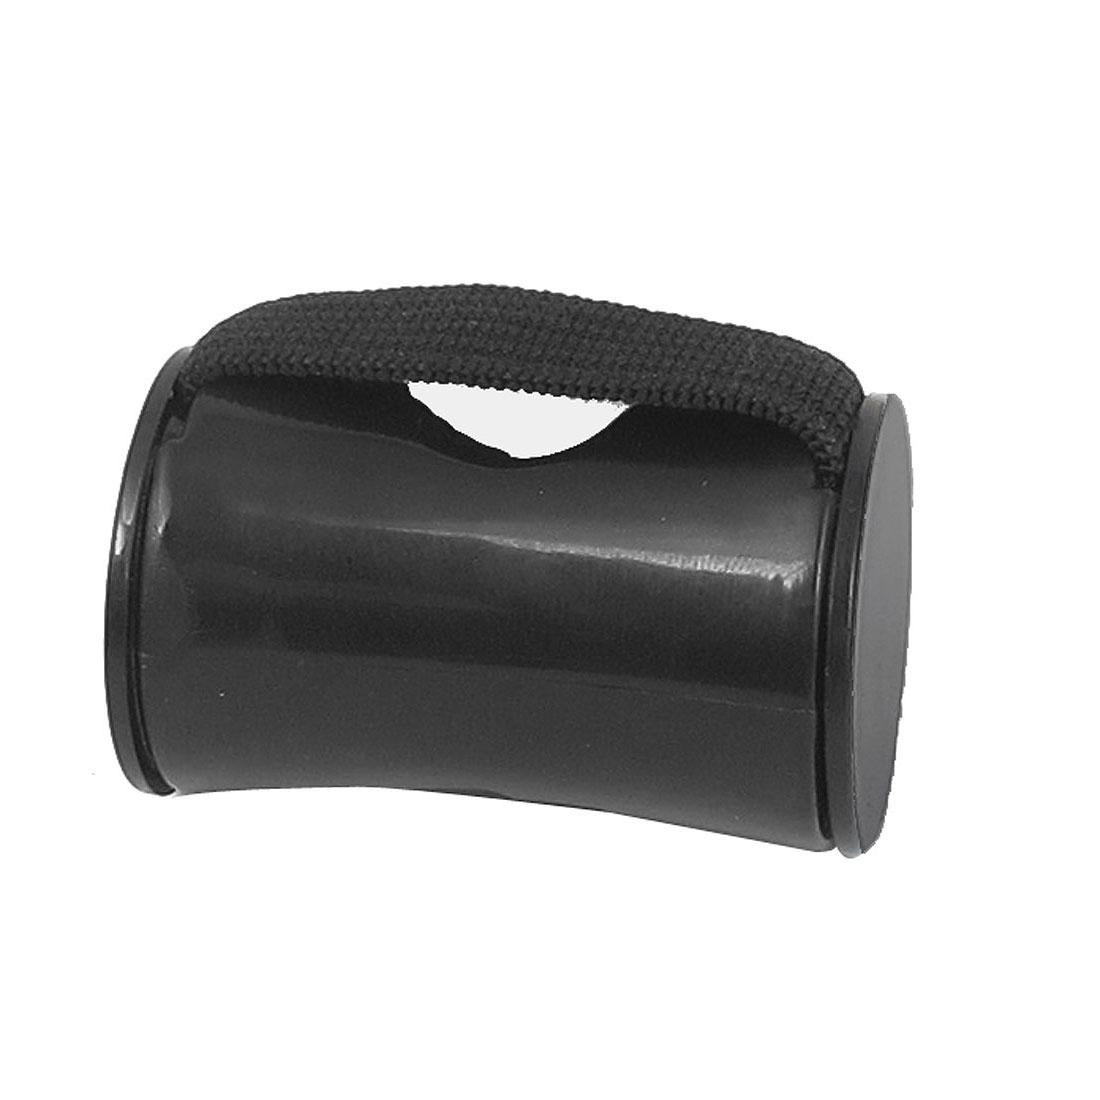 Finger Shot Rhythm Elastic Band Ring Percussion Sand Shaker Maracas Ukulele Black